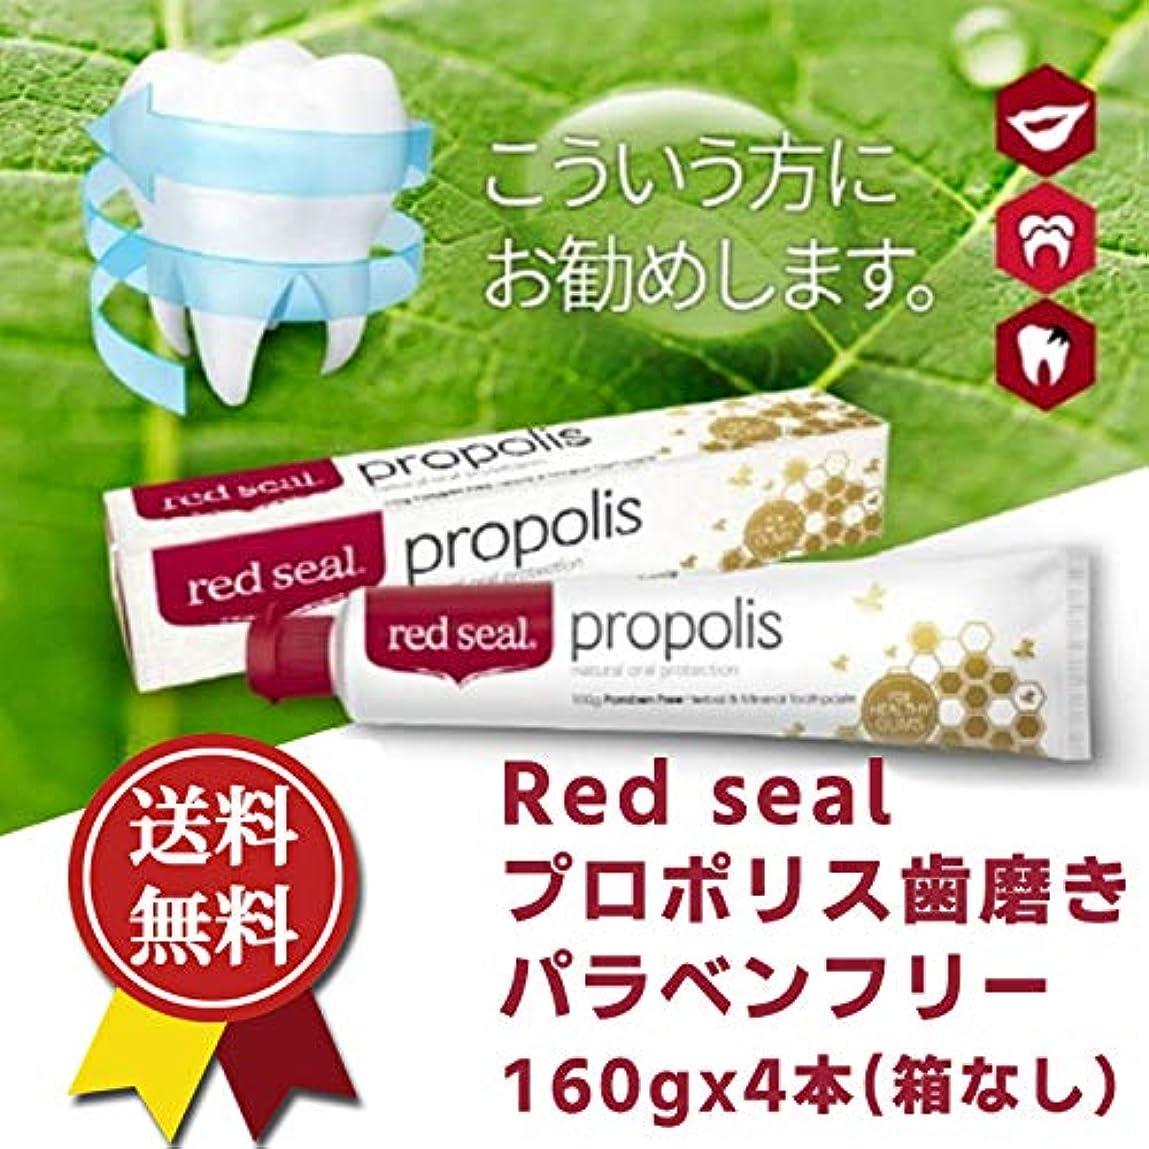 タブレット憂鬱どんよりした★送料無料★red seal レッドシール プロポリス 歯磨き粉160gx4本 RED SEAL Propolis Toothpaste